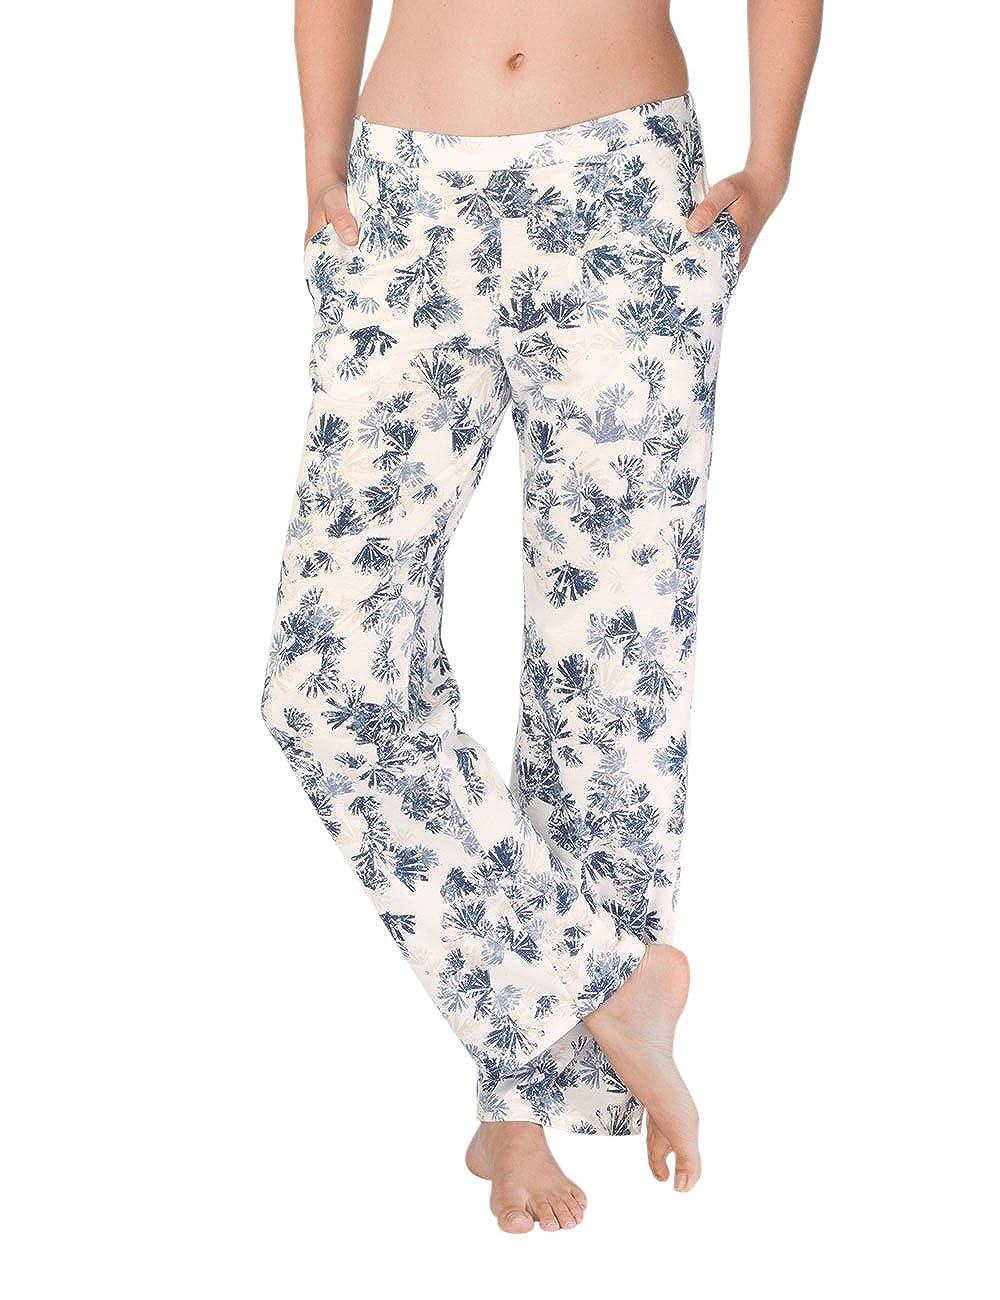 TALLA 44 ES/talla de fabicante: M. Calida Favourites Trend Pantalones de Pijama para Mujer